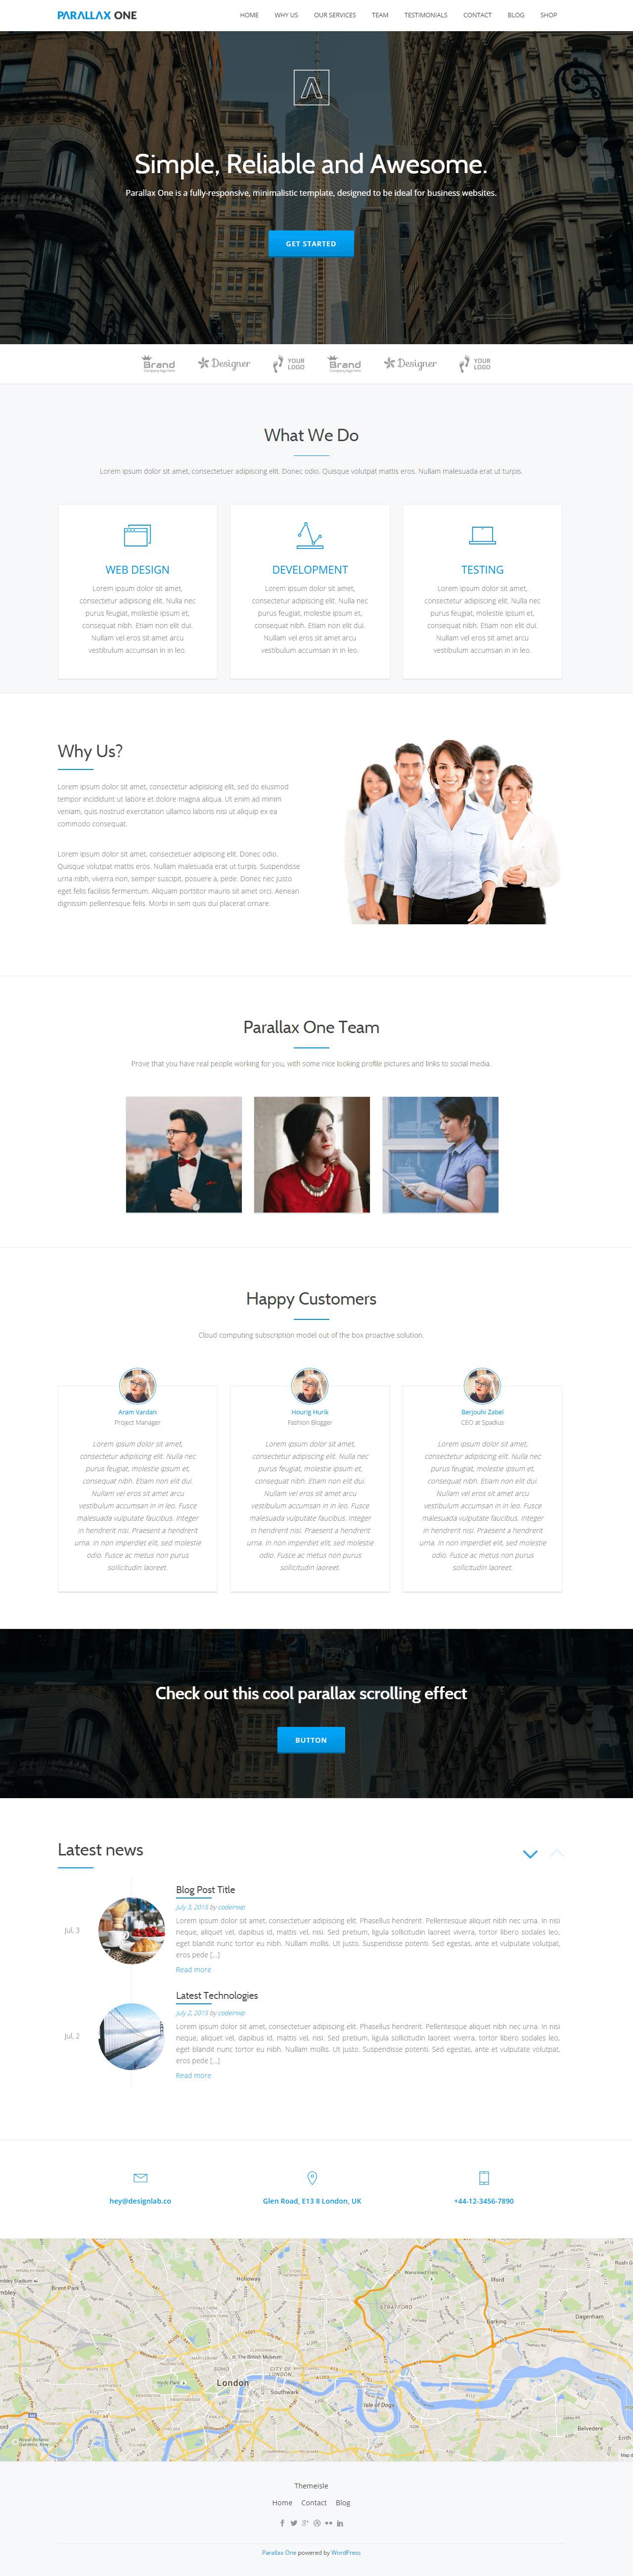 Parallax One Website Screenshot